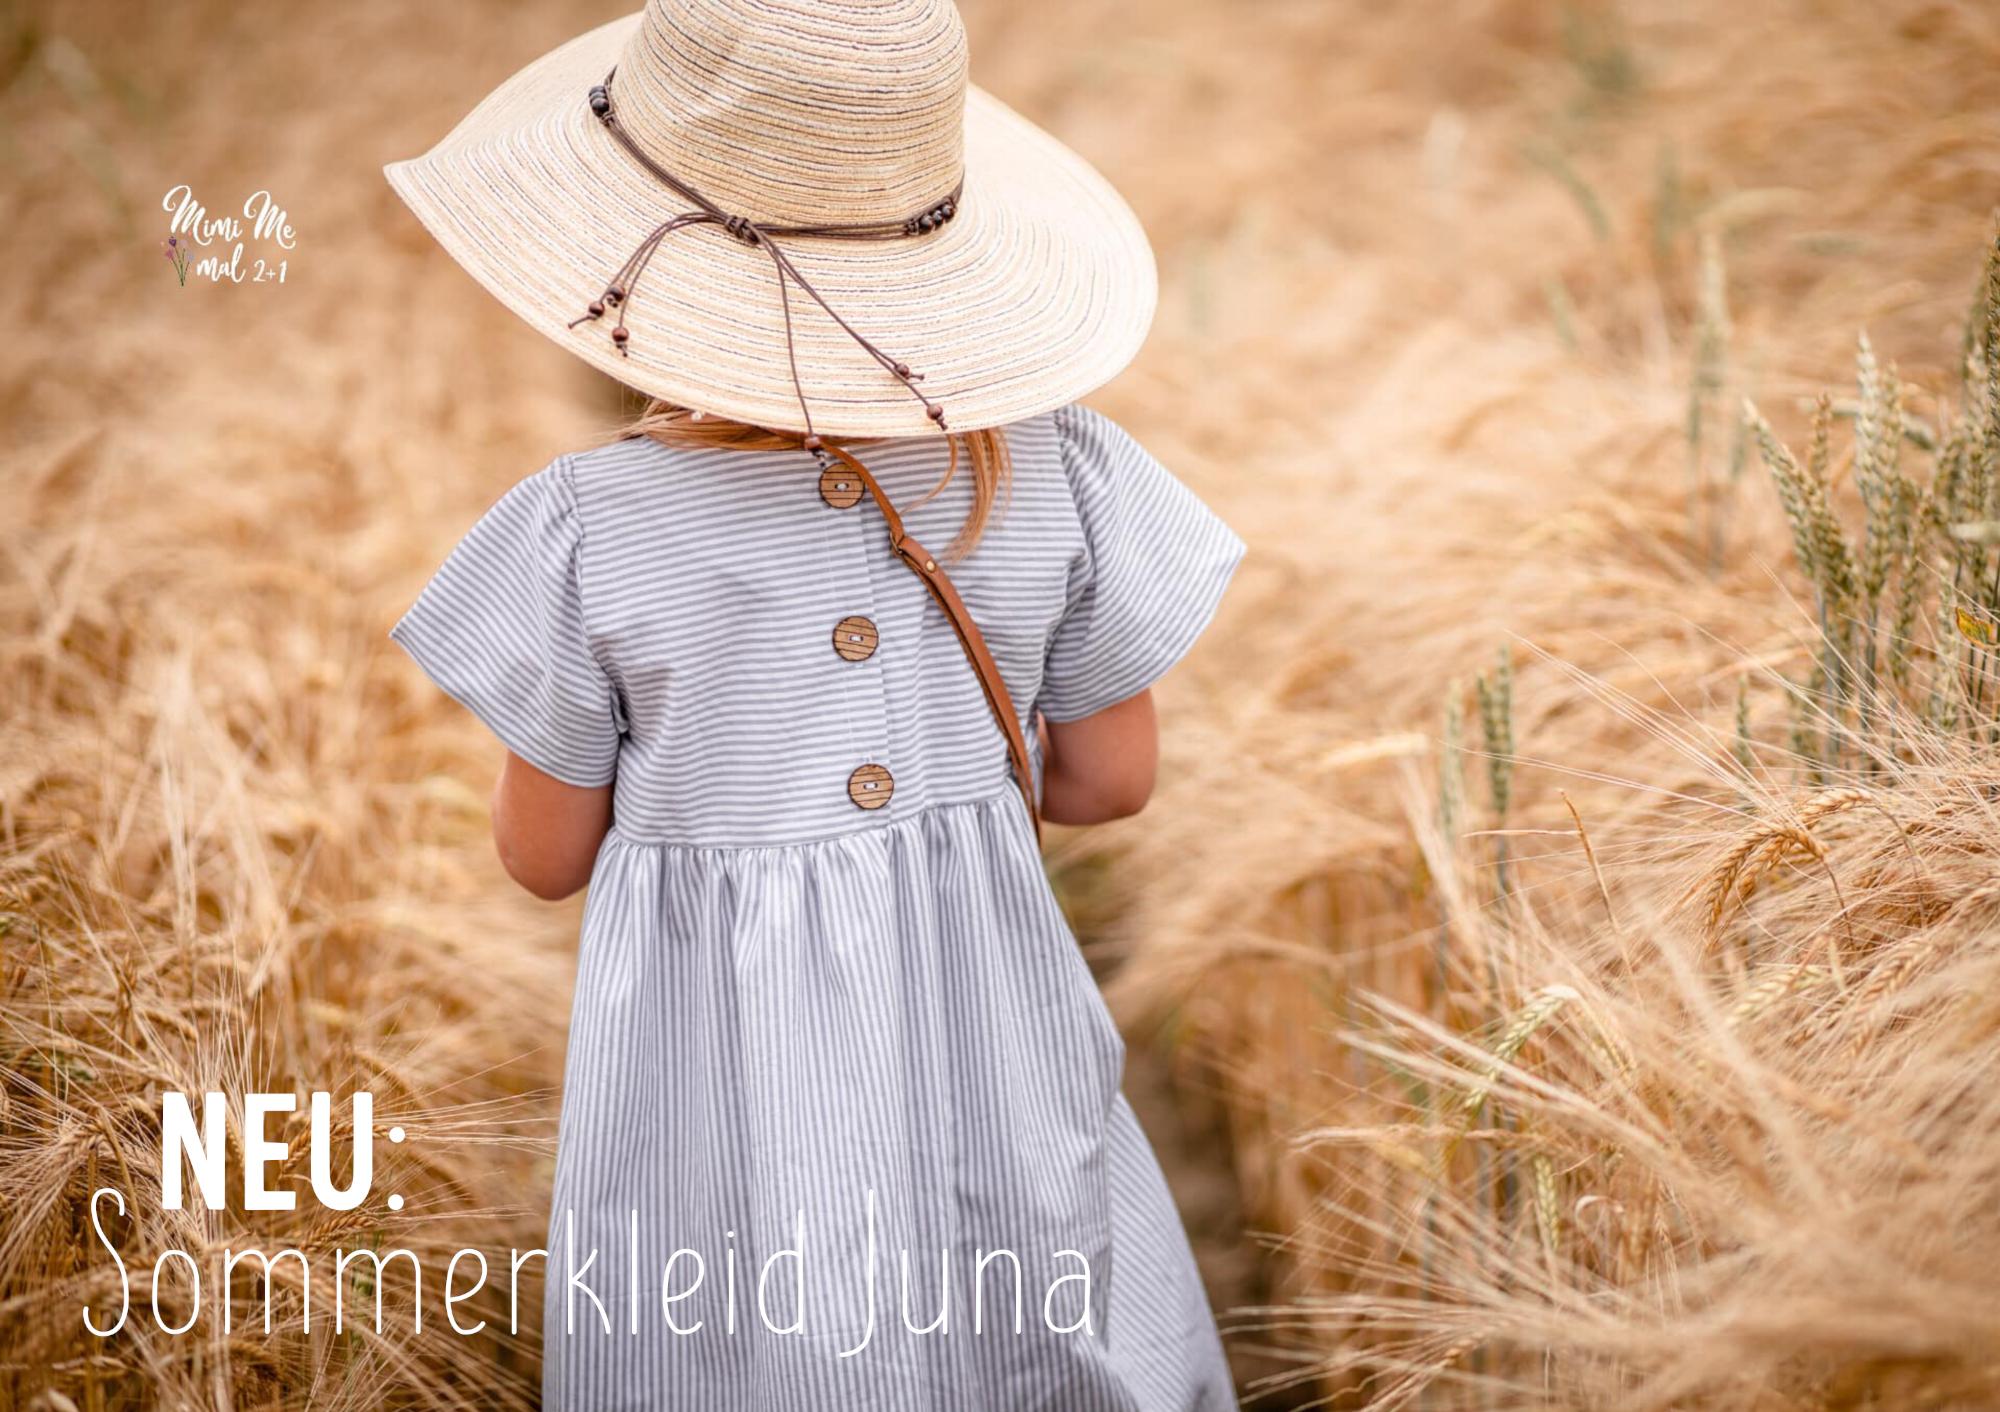 NEU: Sommerkleid Juna - der erste Lybstes Schnitt für Webware